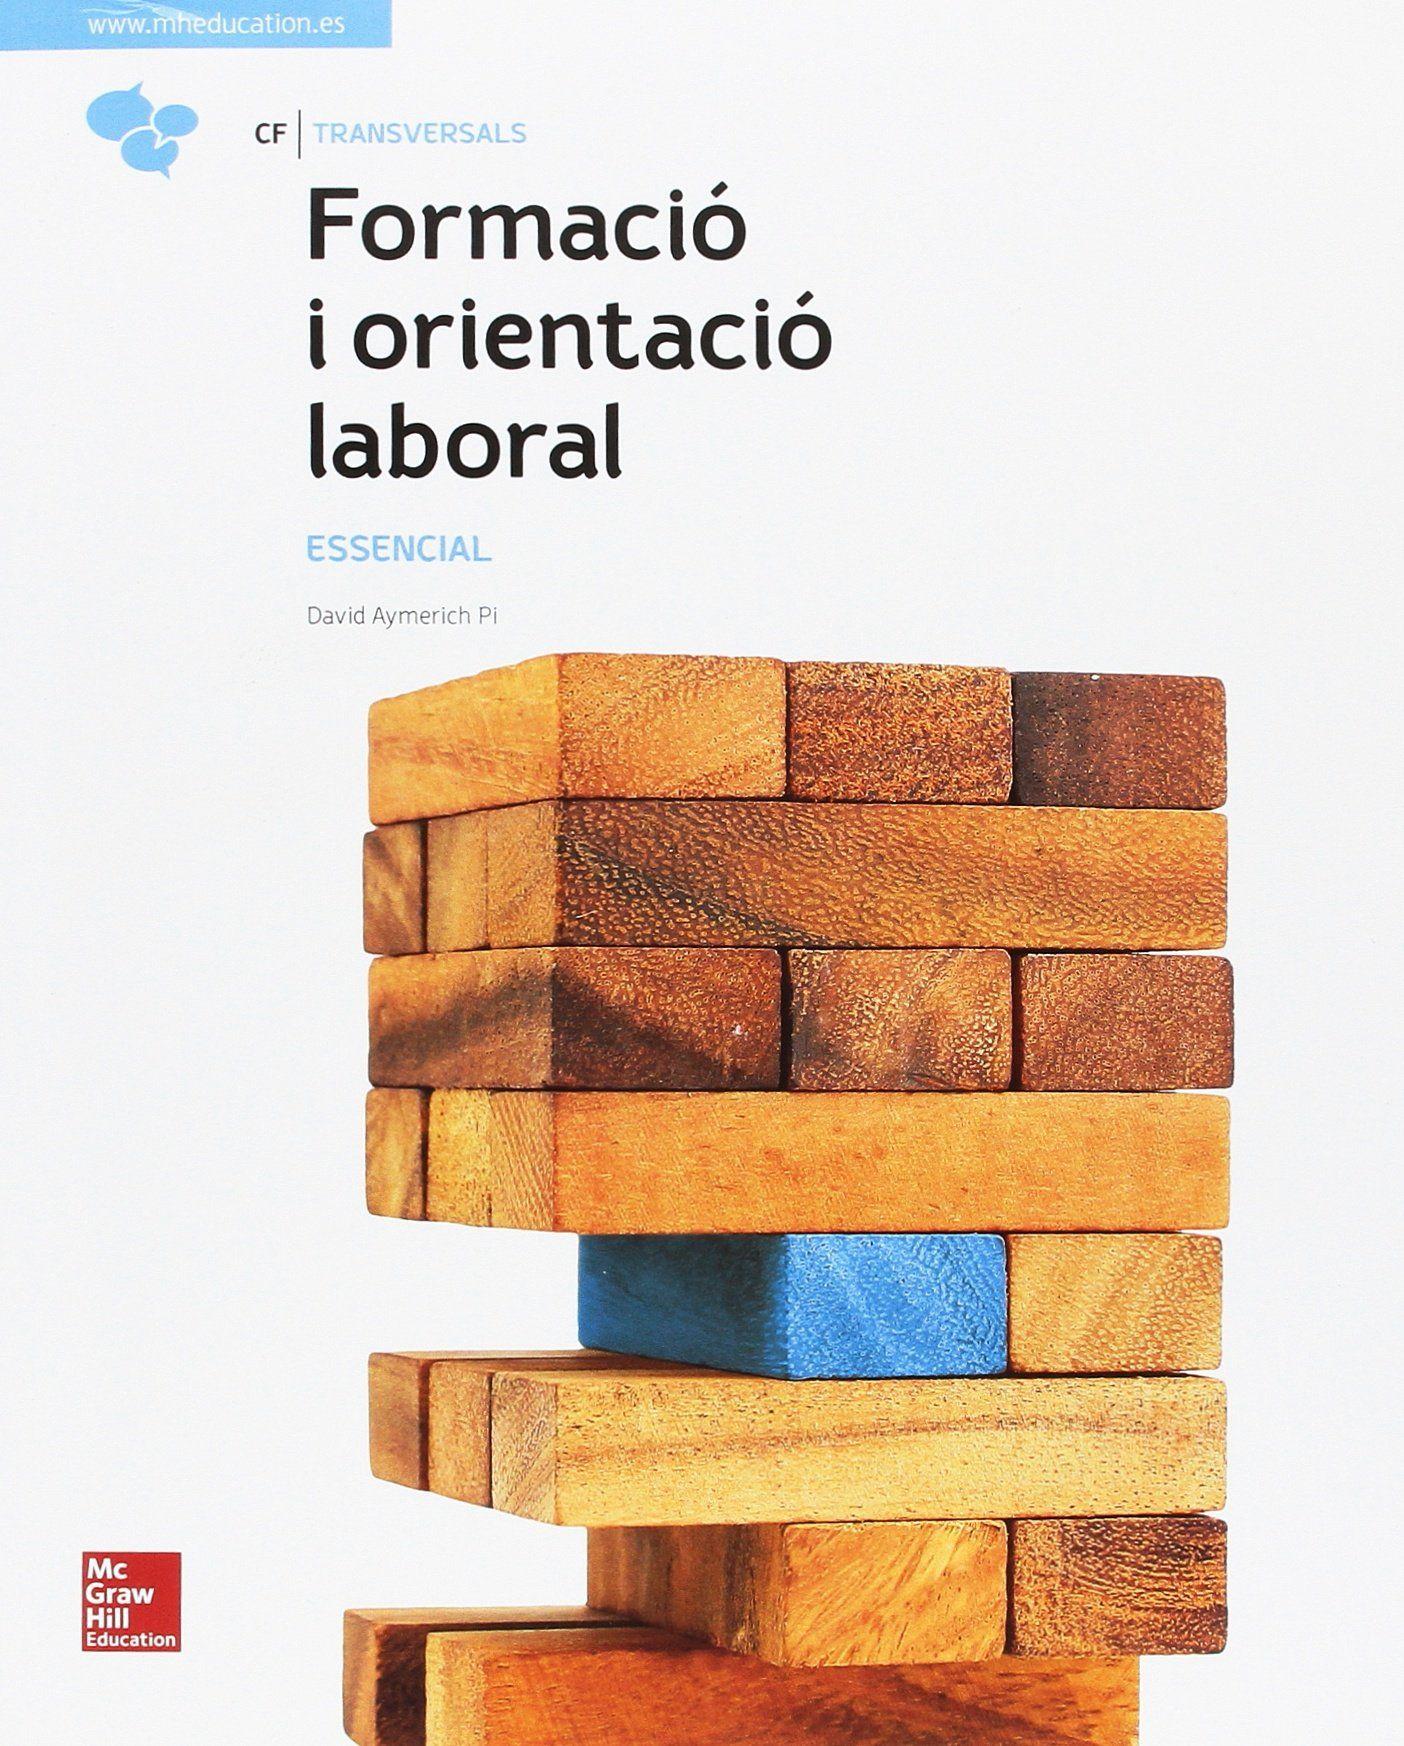 FORMACIO I ORIENTACIO LABORAL ESSENCIAL